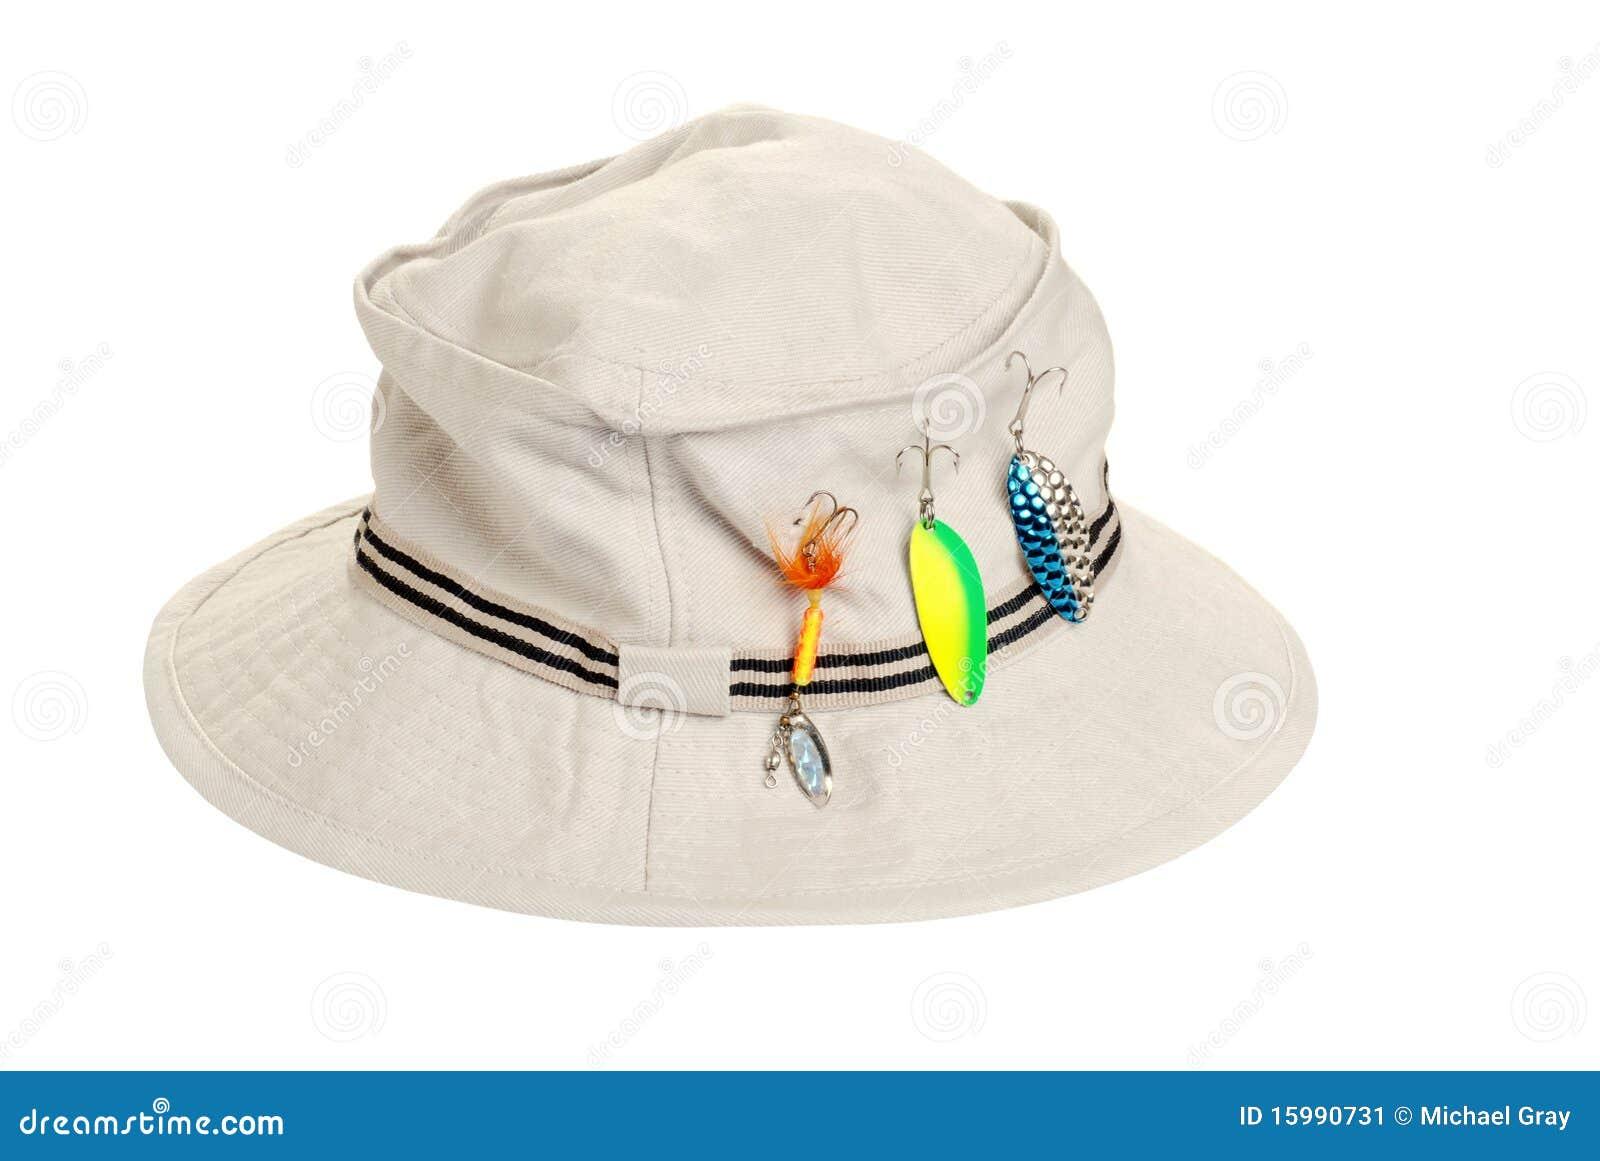 Khaki Hat With Fishing Tackle Stock Image - Image: 15990731